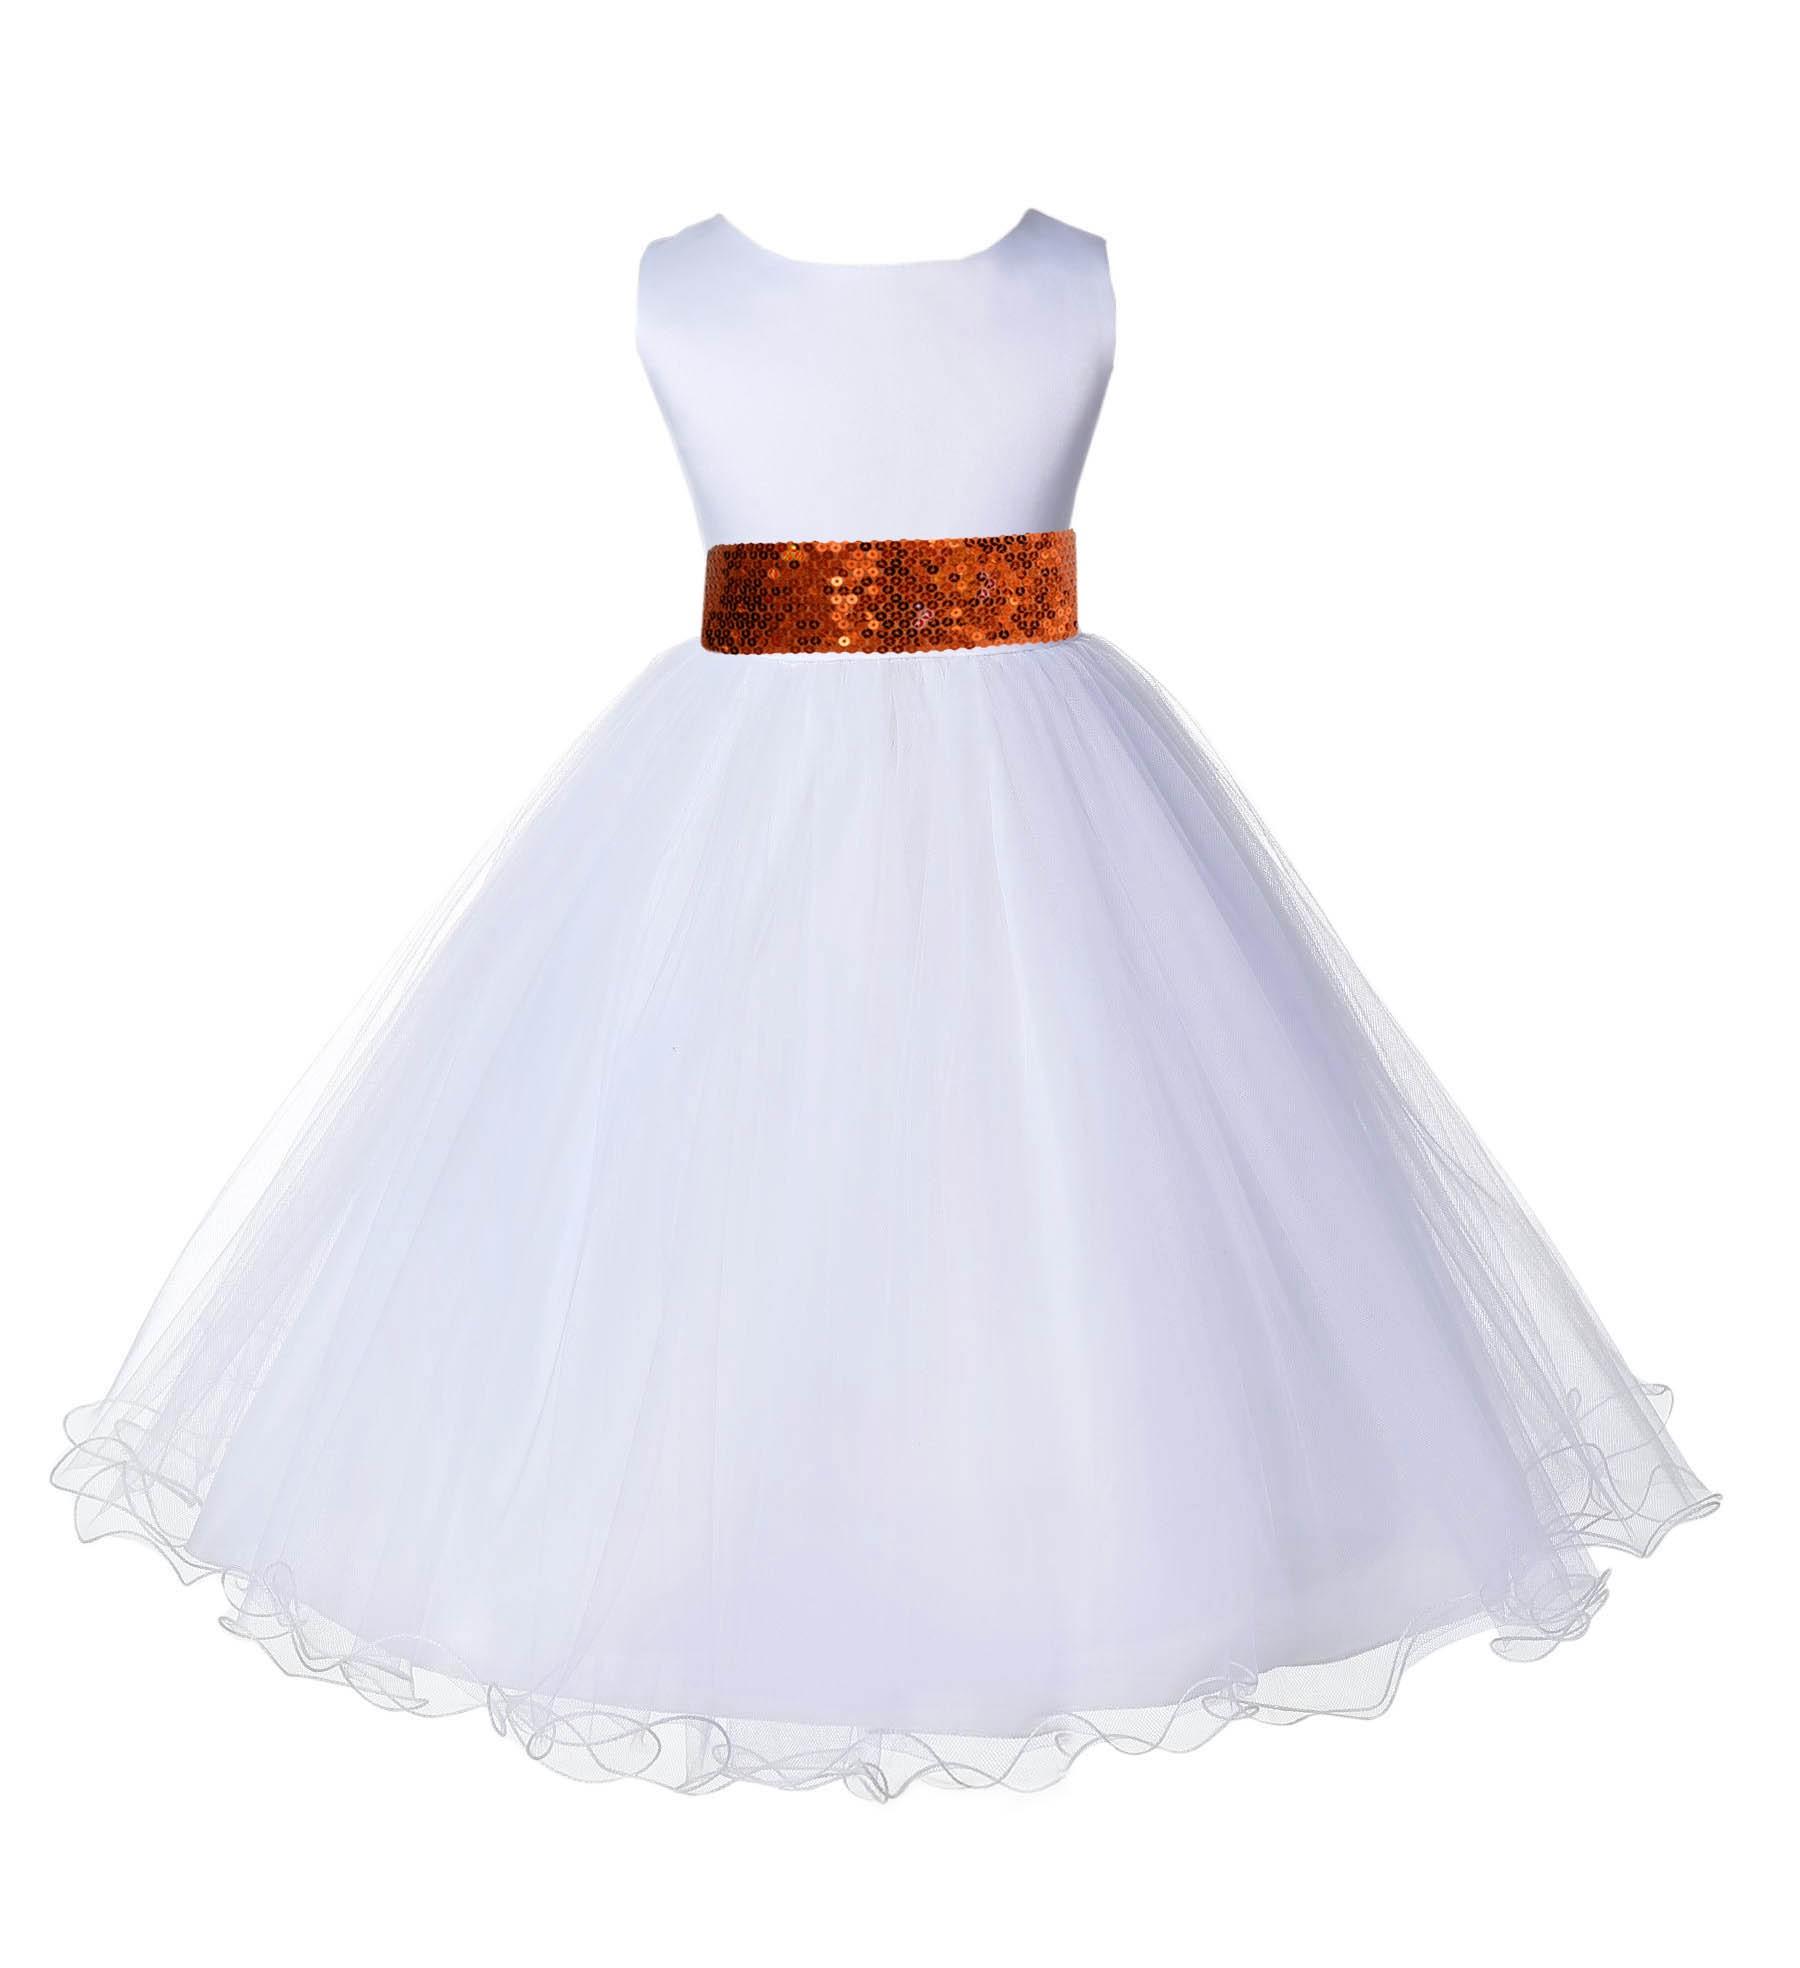 White Tulle Rattail Edge Orange Sequin Sash Flower Girl Dress 829mh